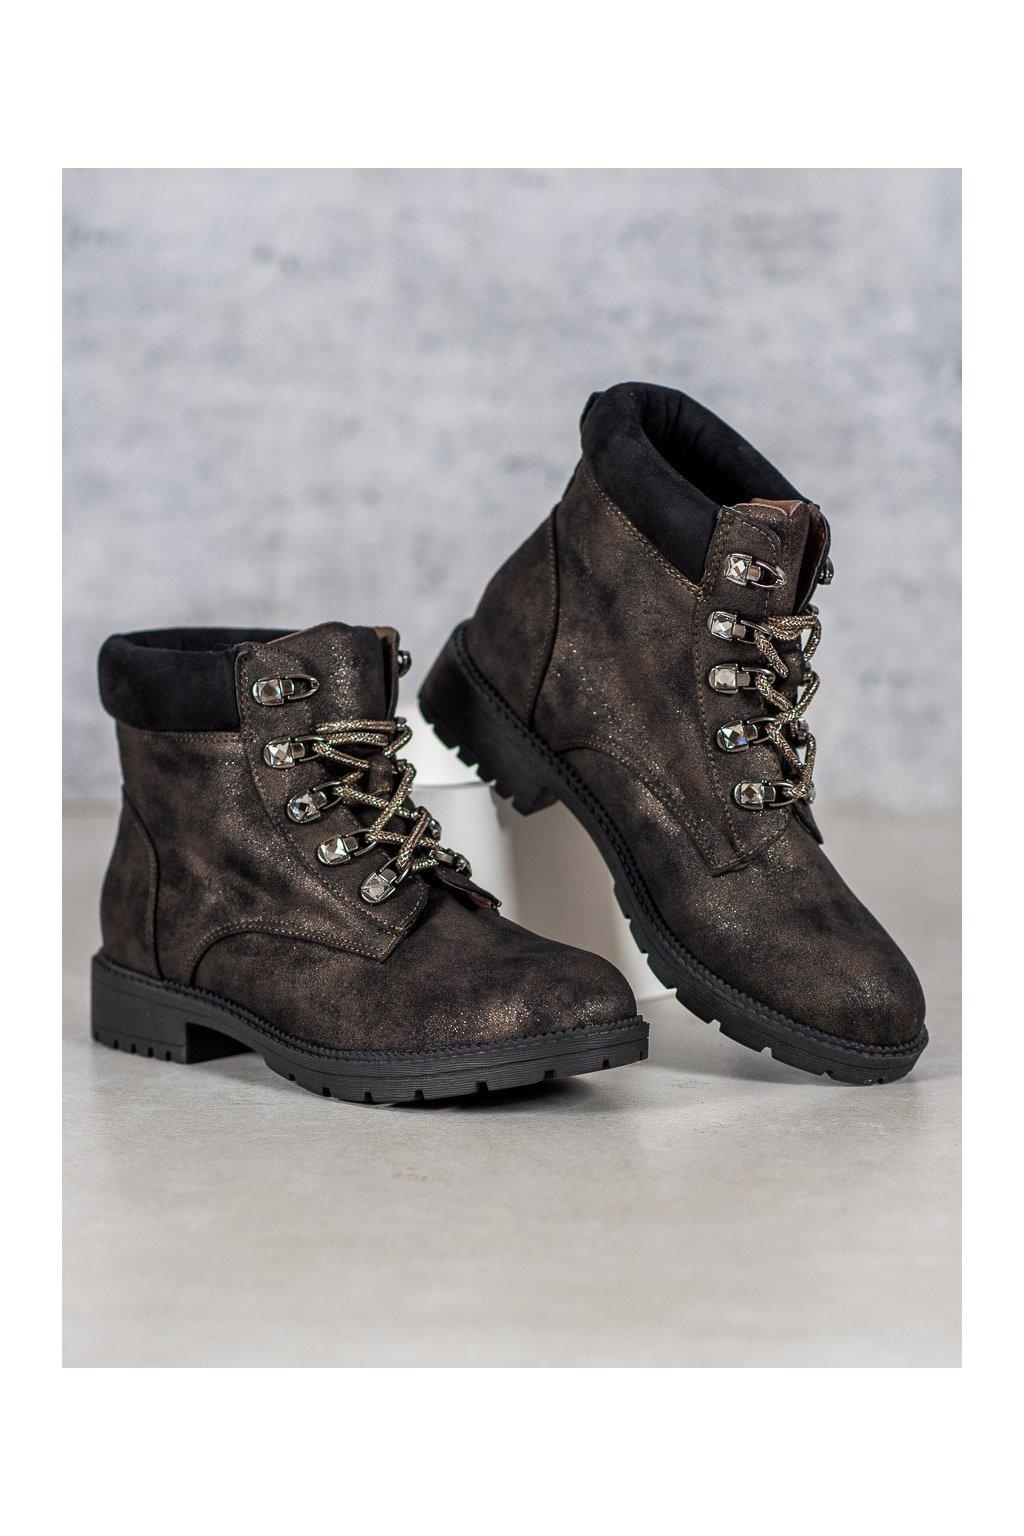 Hnedé dámske topánky Vices kod 2222-18KH